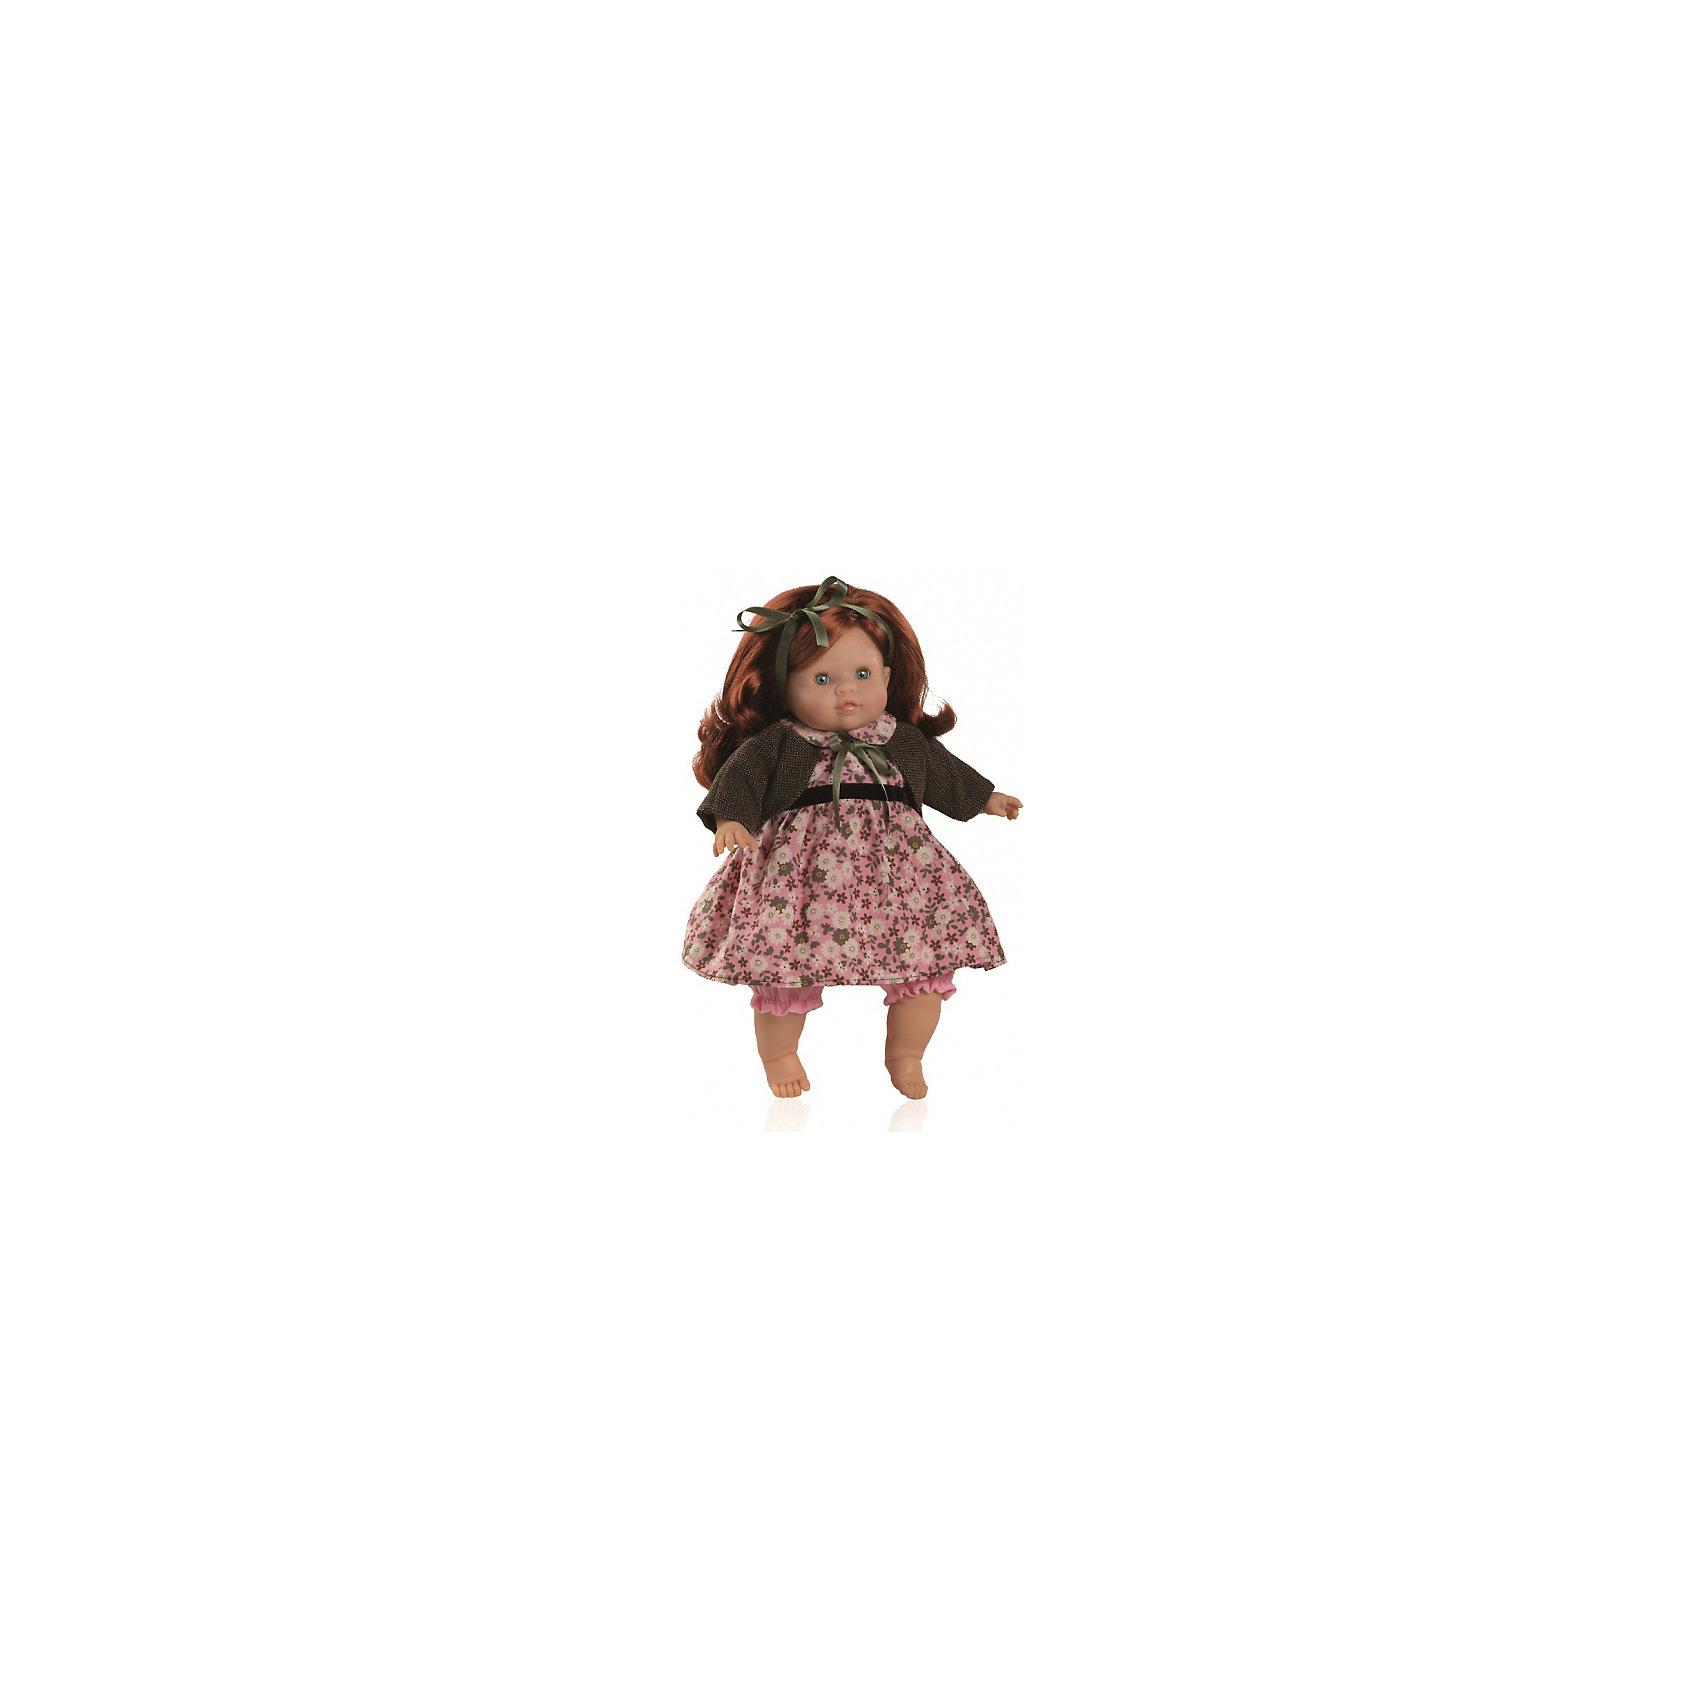 Кукла Нино Алисе, 36 см, Paola ReinaКлассические куклы<br>Кукла изготовлена из винила; глаза выполнены в виде кристалла из прозрачного твердого пластика; волосы сделаны из высококачественного нейлона.<br><br>Ширина мм: 250<br>Глубина мм: 250<br>Высота мм: 420<br>Вес г: 1000<br>Возраст от месяцев: 36<br>Возраст до месяцев: 144<br>Пол: Женский<br>Возраст: Детский<br>SKU: 4966373